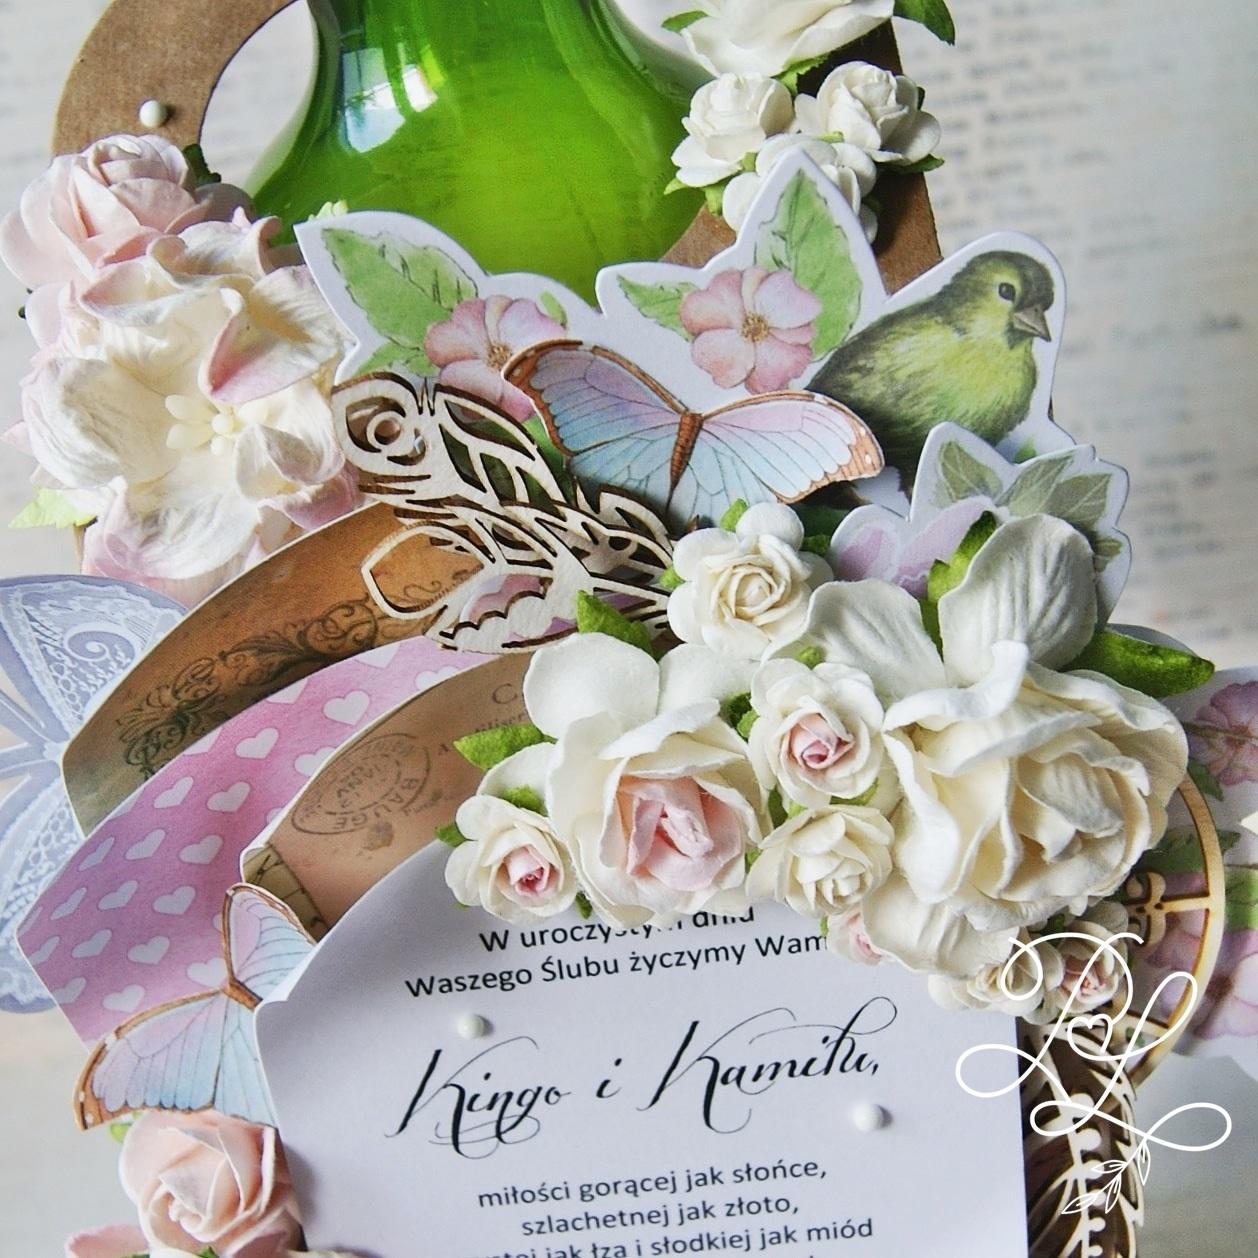 Etykieta - zawieszka na butelkę Papierowe Love - sklep papierniczy i pracownia rękodzieła Katarzyna Rajczakowska